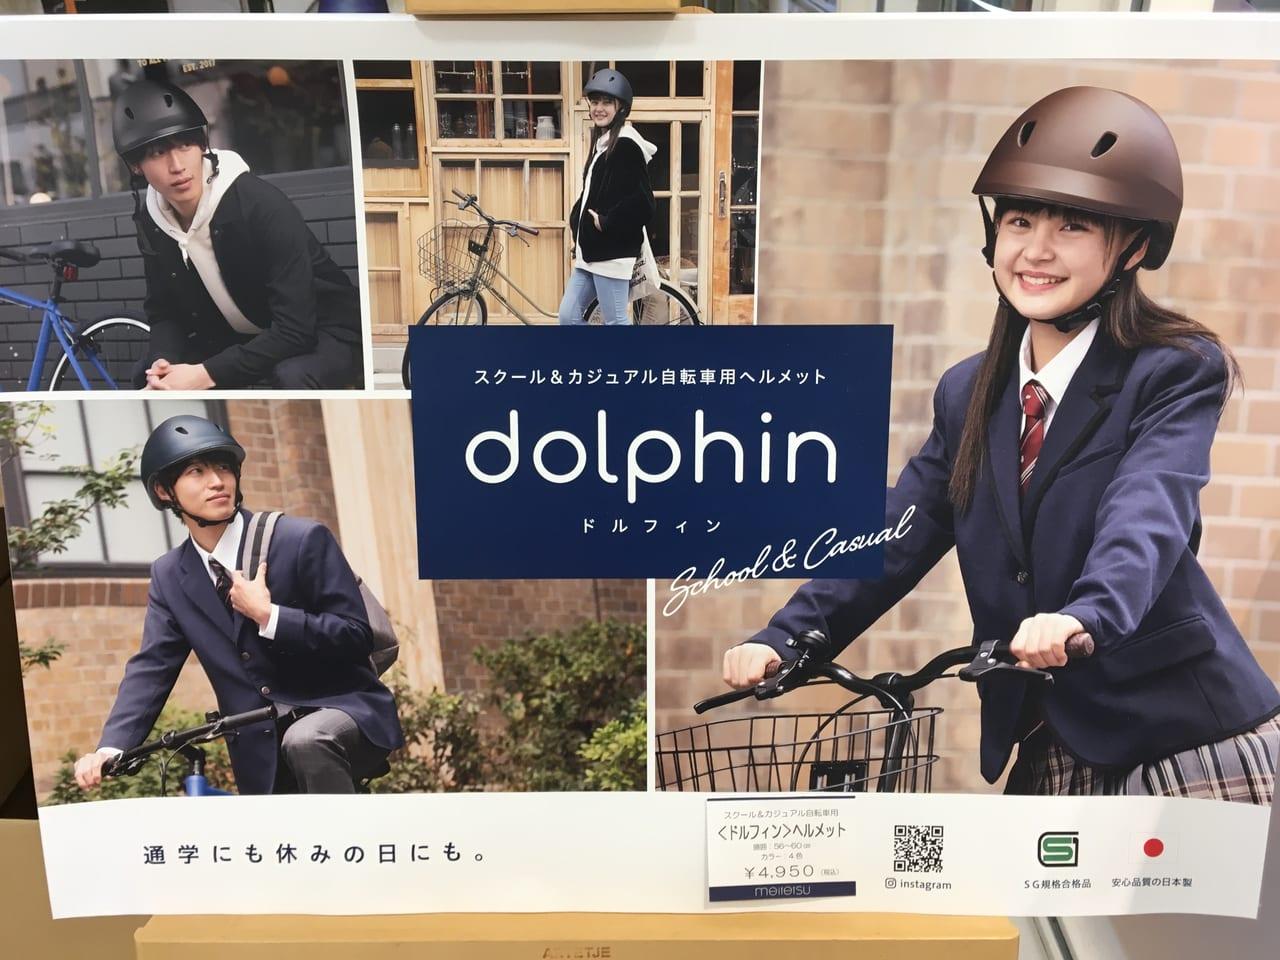 クミカ工業のniccoヘルメット dolphin